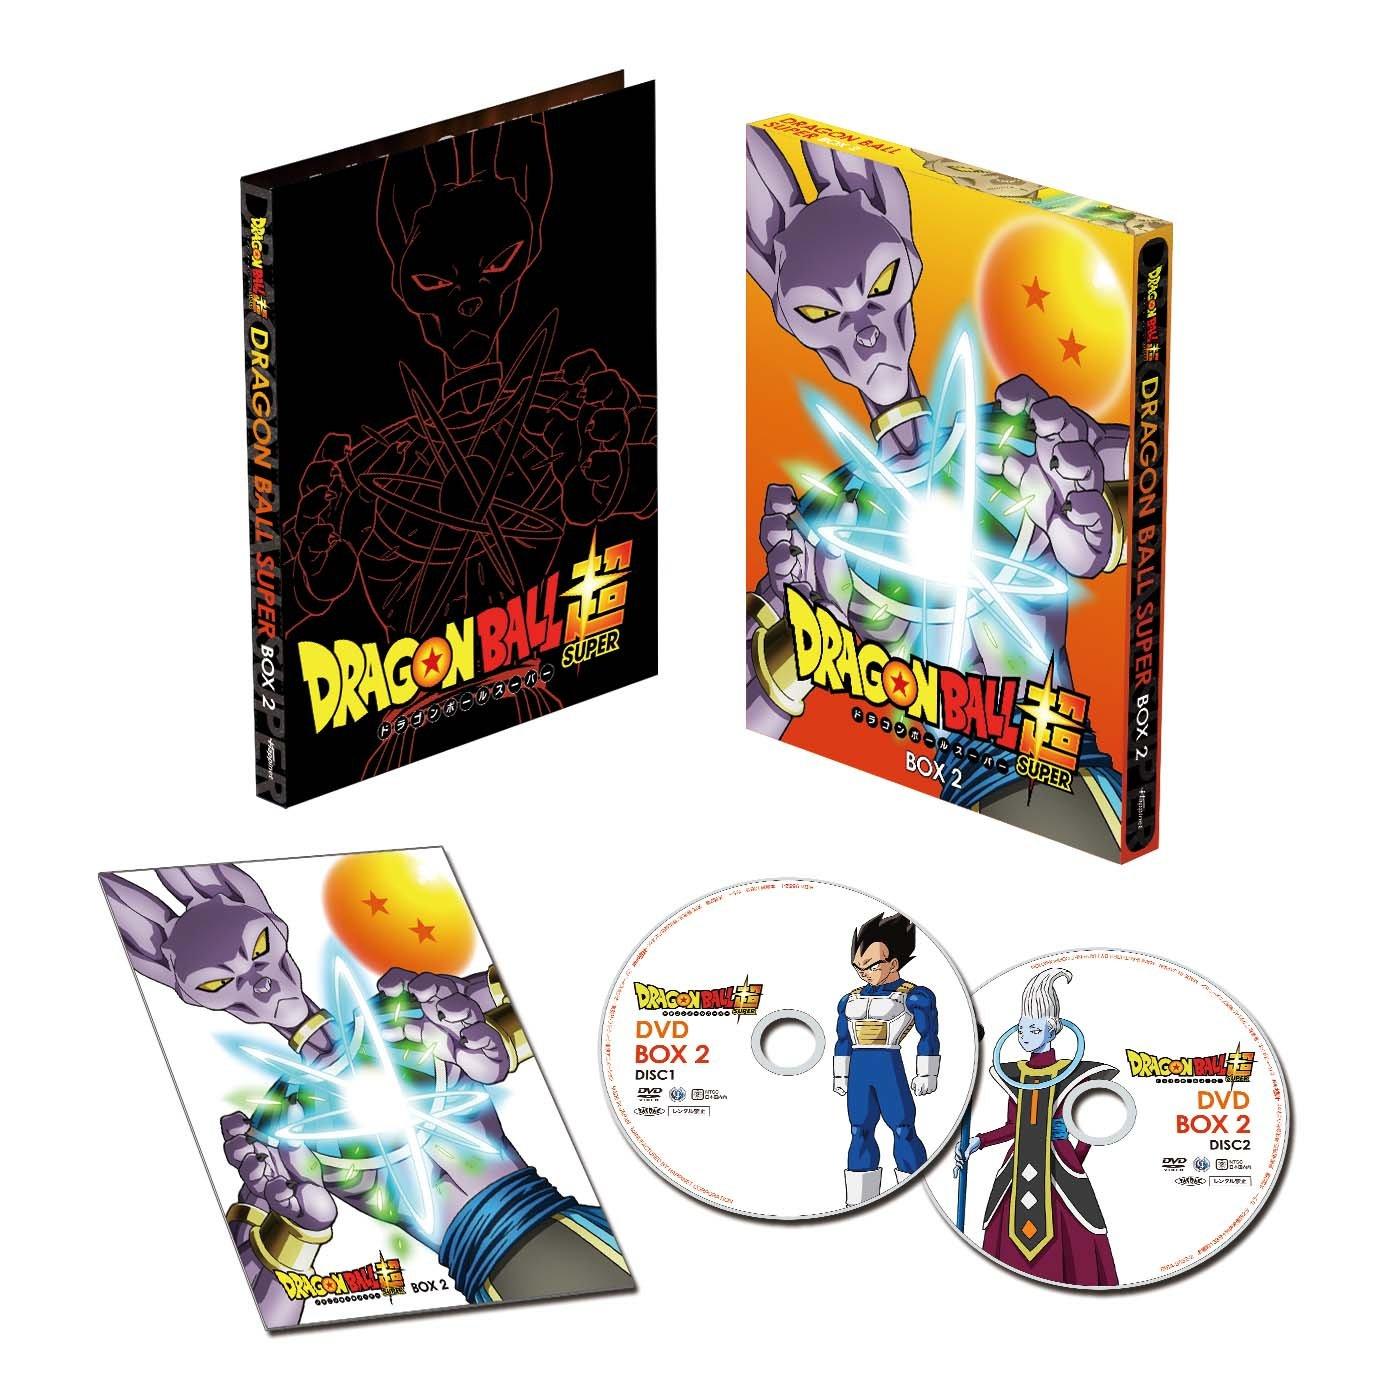 ドラゴンボール超 DVD BOX2 B01420LVZQ